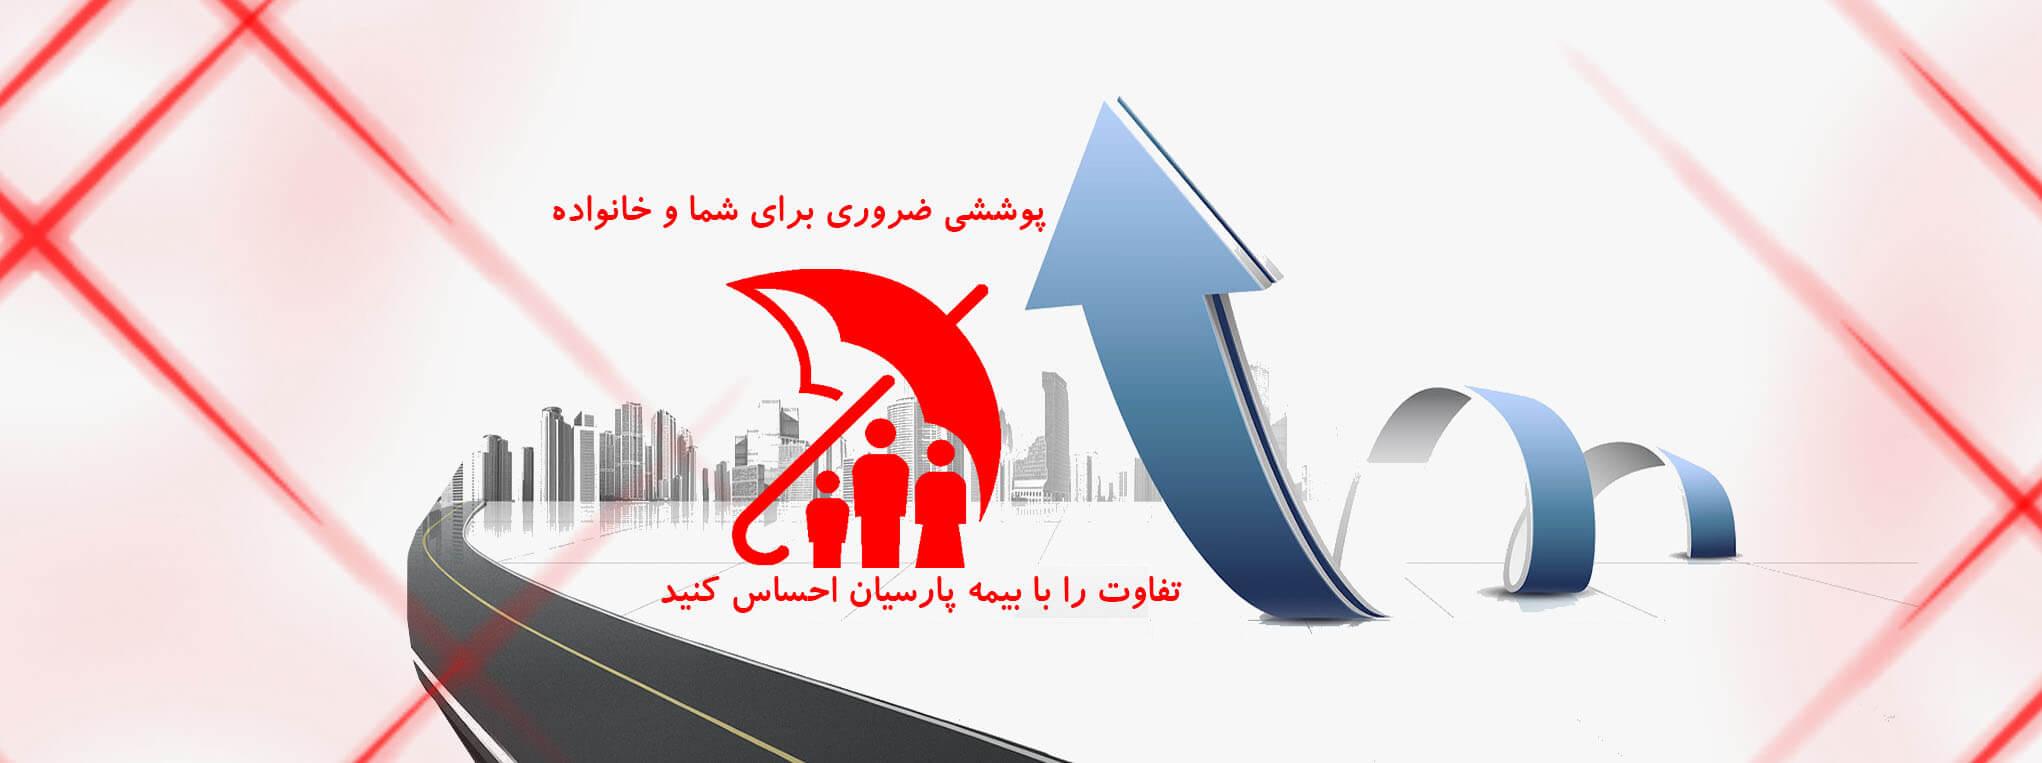 نمایندگی بیمه پارسیان